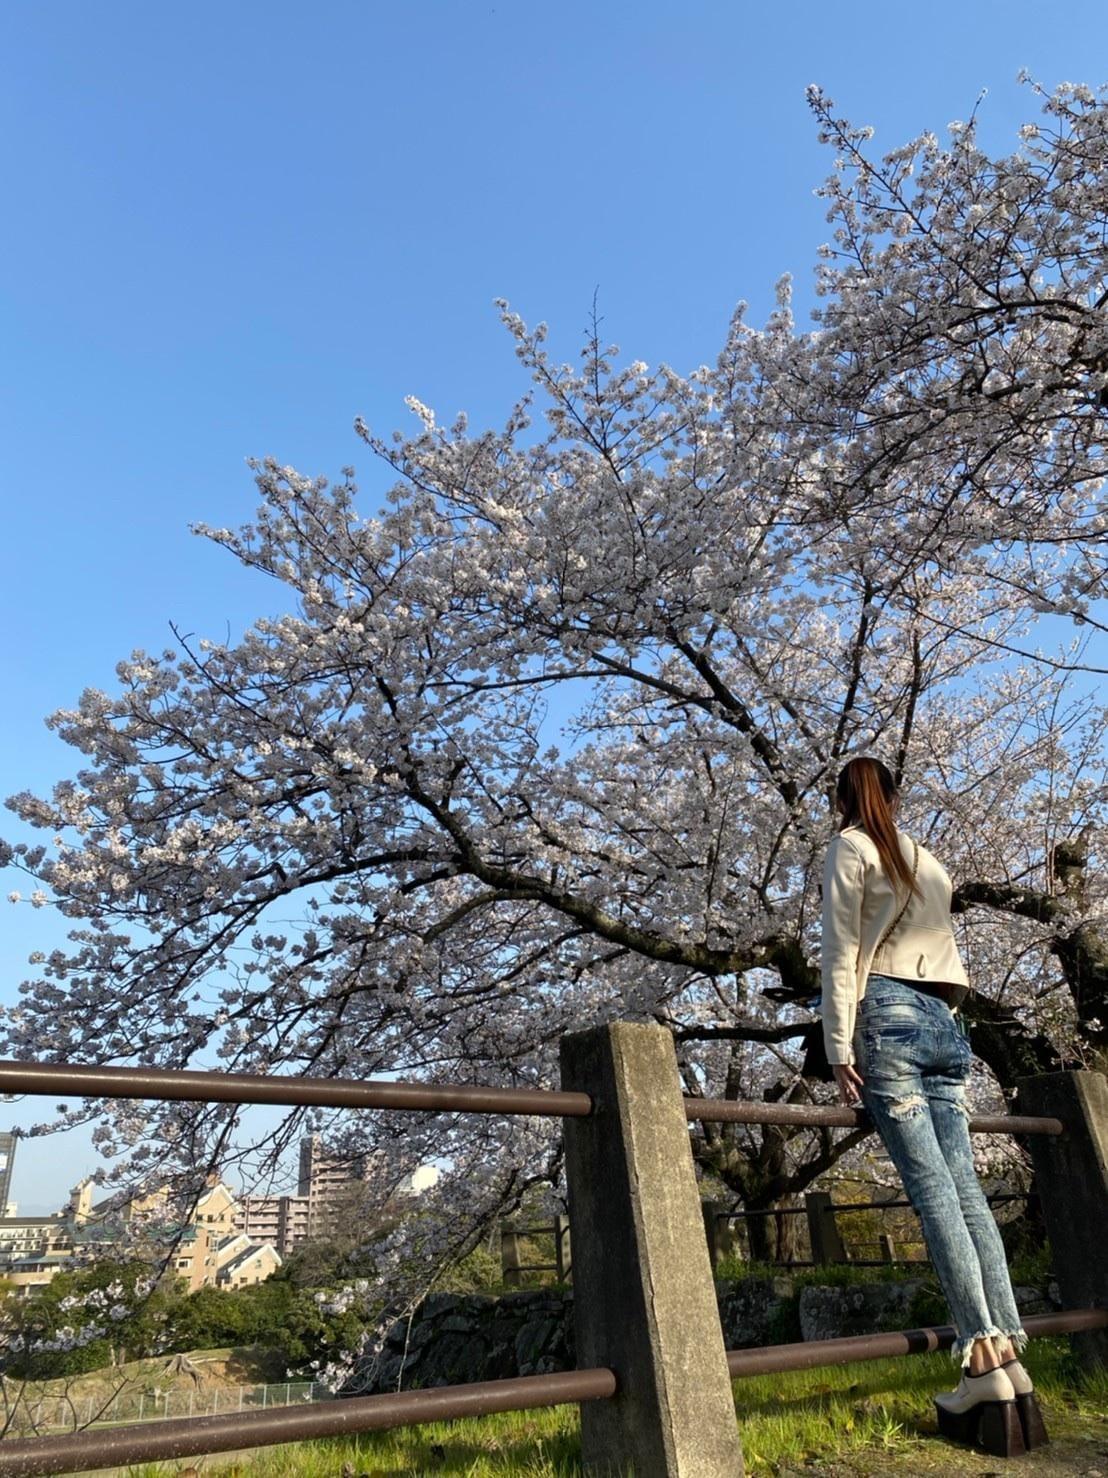 「本日出勤します✿ᵕ̈*」03/26(03/26) 16:45 | 亜梨沙~ありさ~の写メ・風俗動画